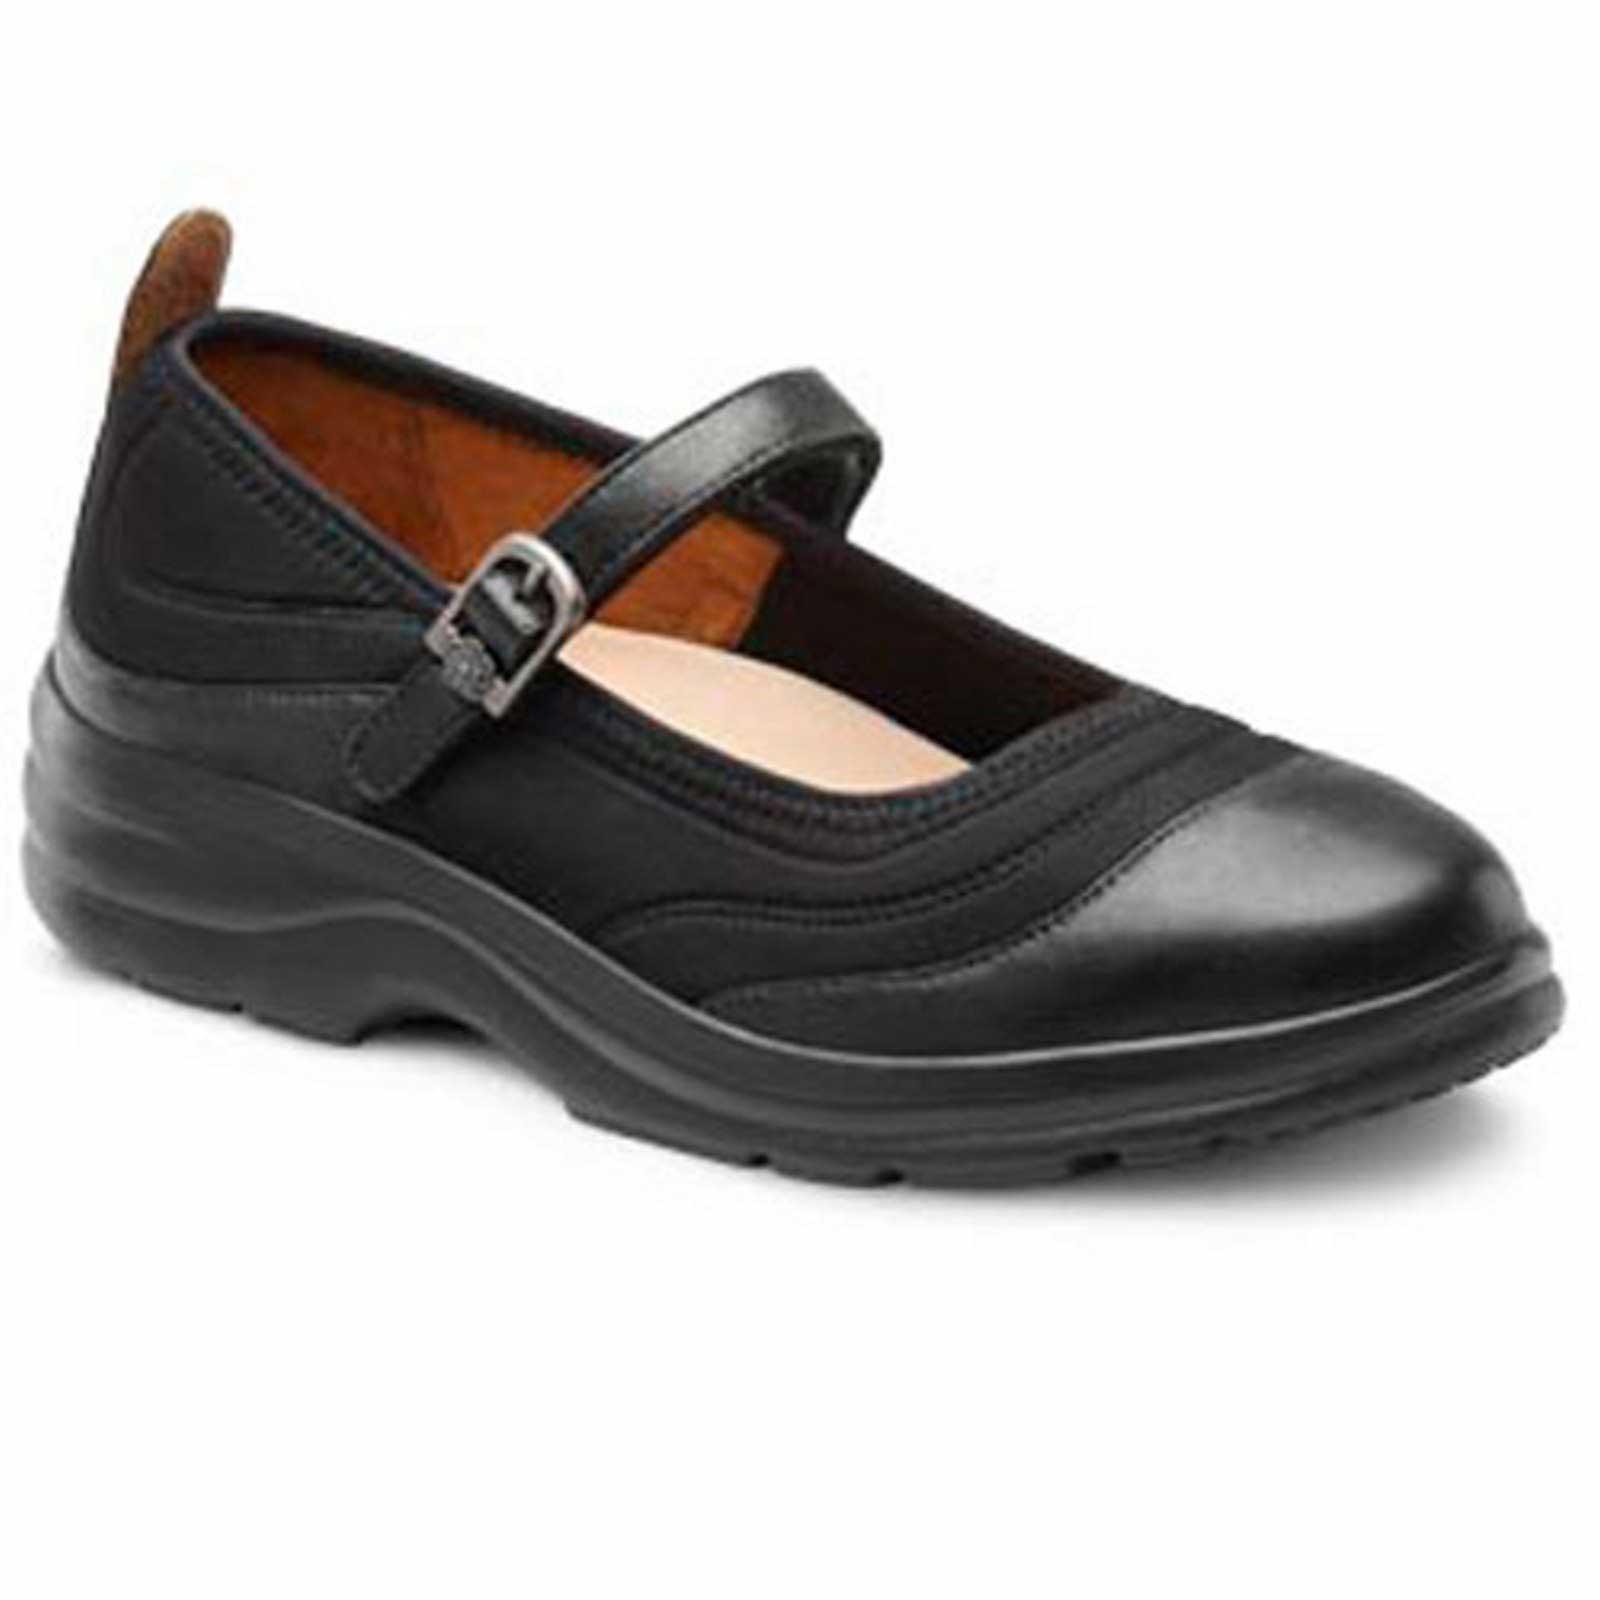 girls's get dressed footwear with nike air